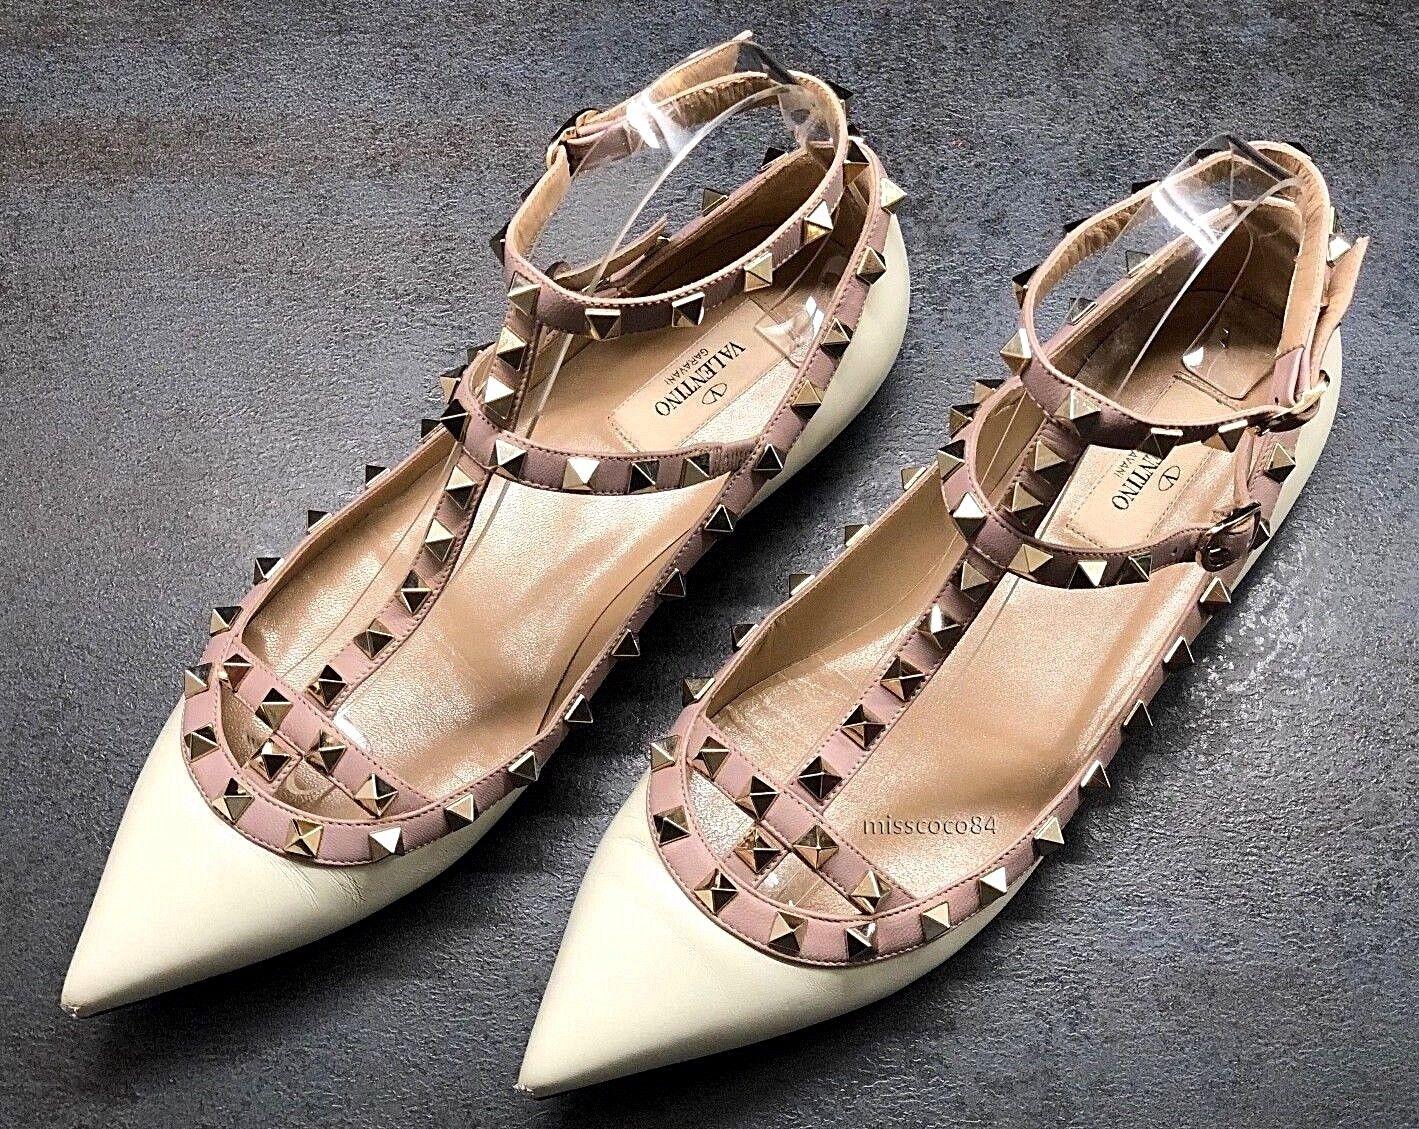 Valentino Garavani Ballerinas Rockstud Schuhe Creme Weiss 39,5 39 Blogger Gold